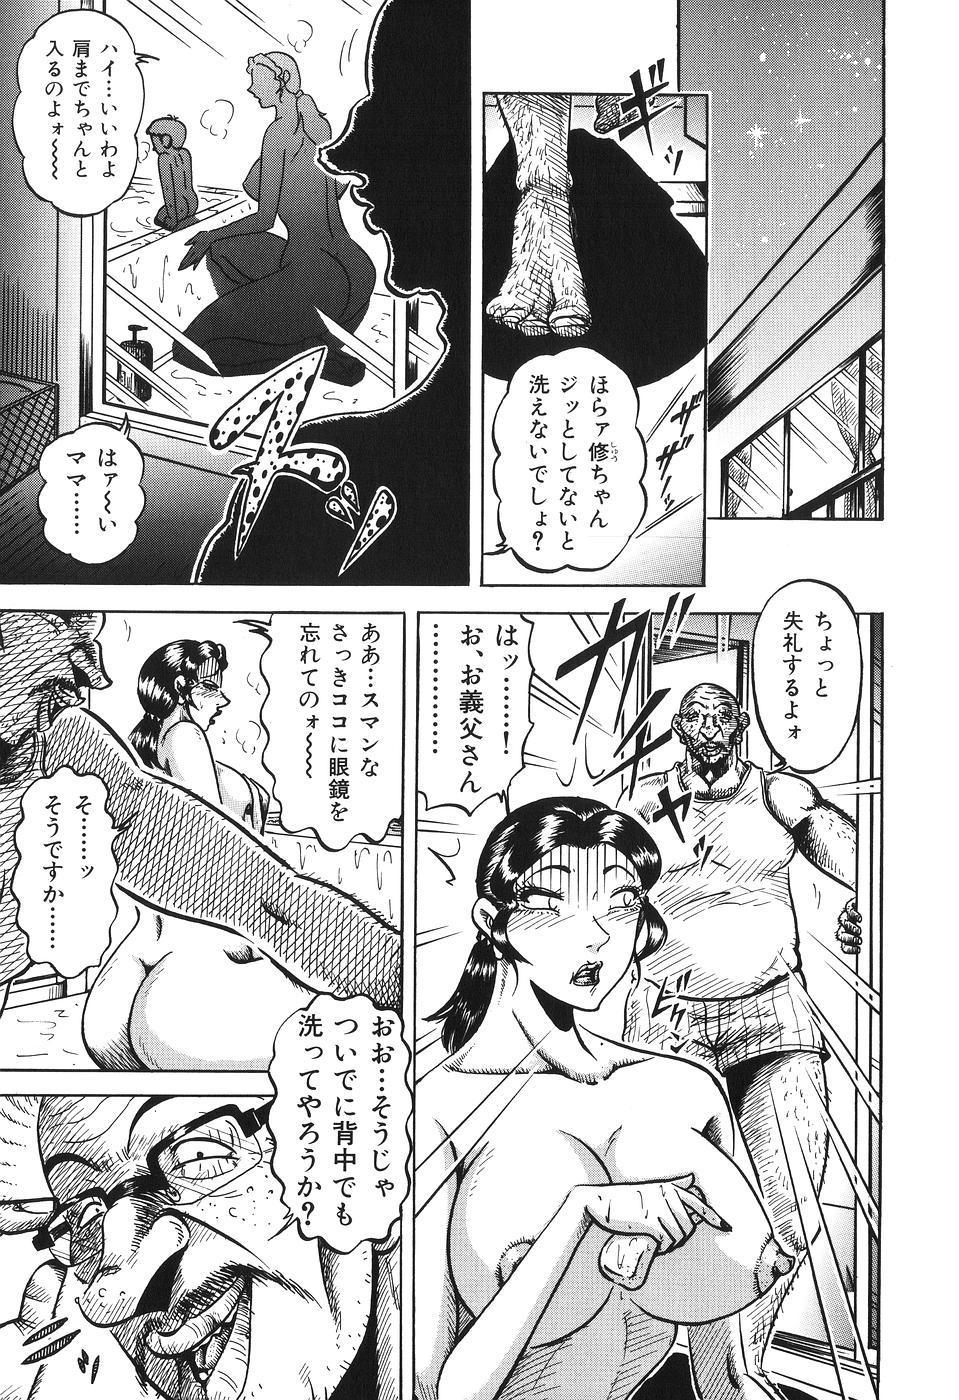 Jukubo Soukan Yosoji no Tawamure 7